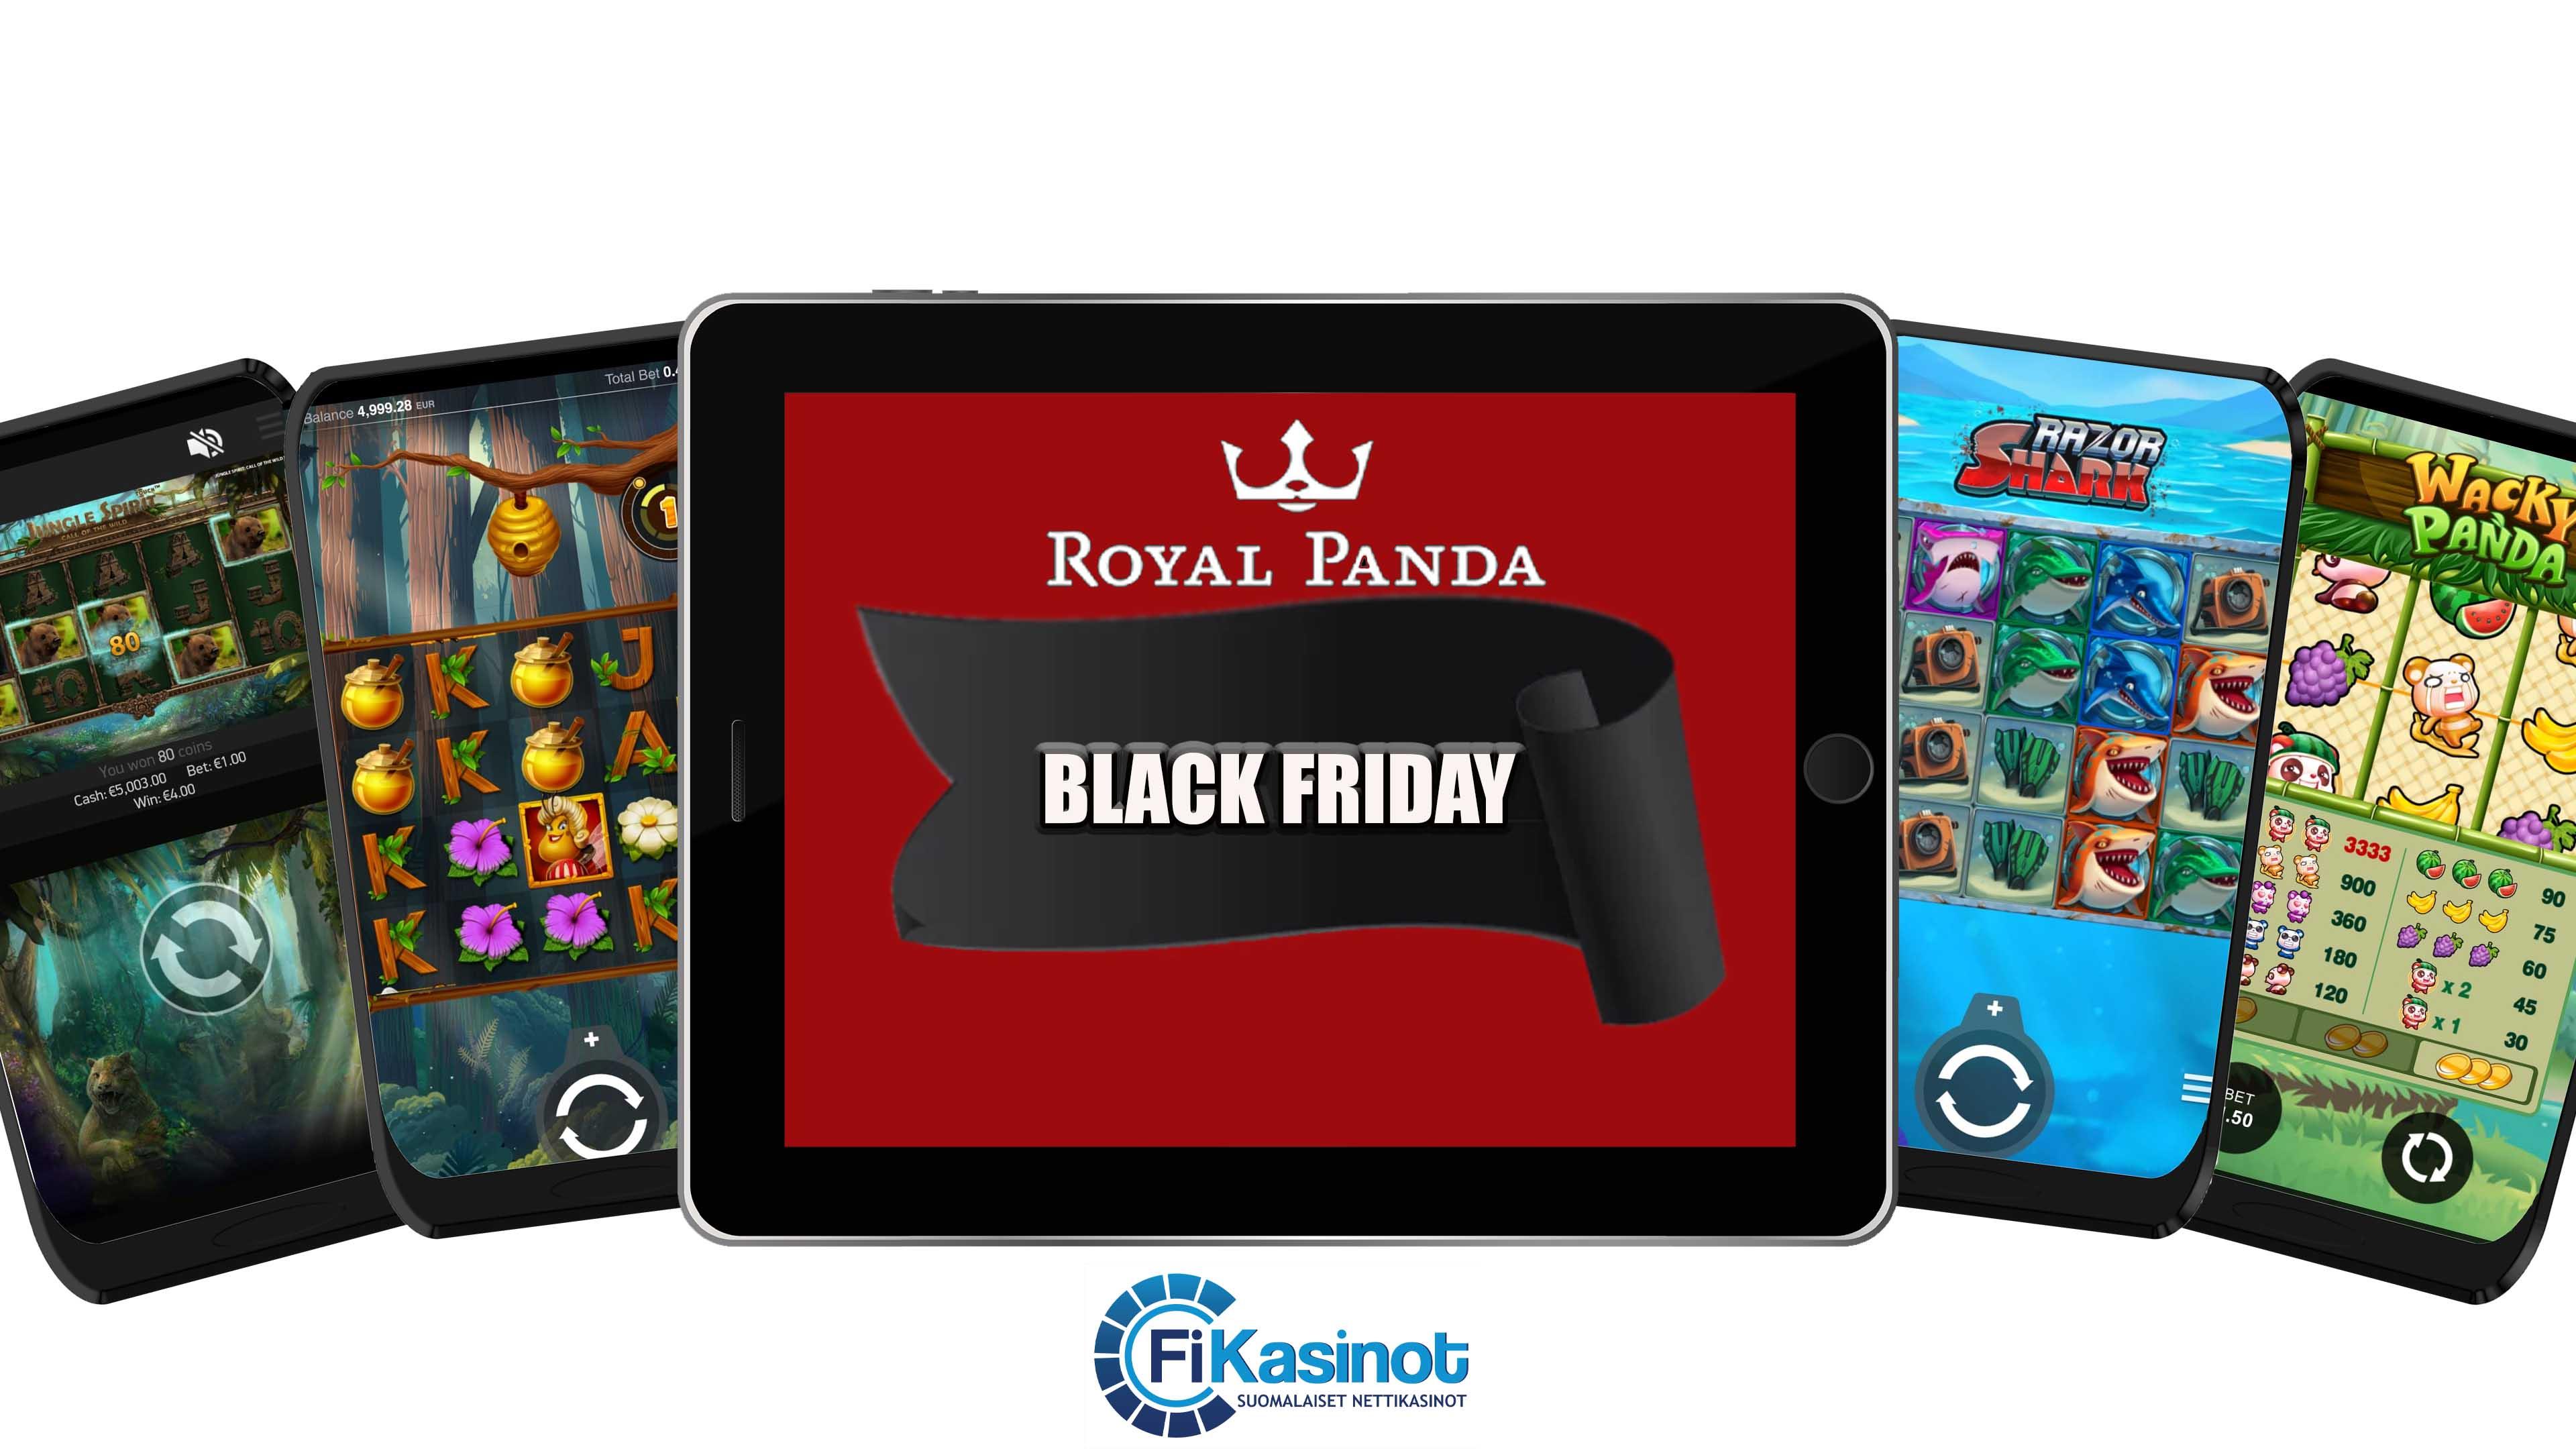 Black Friday Royal Pandalla käynnissä